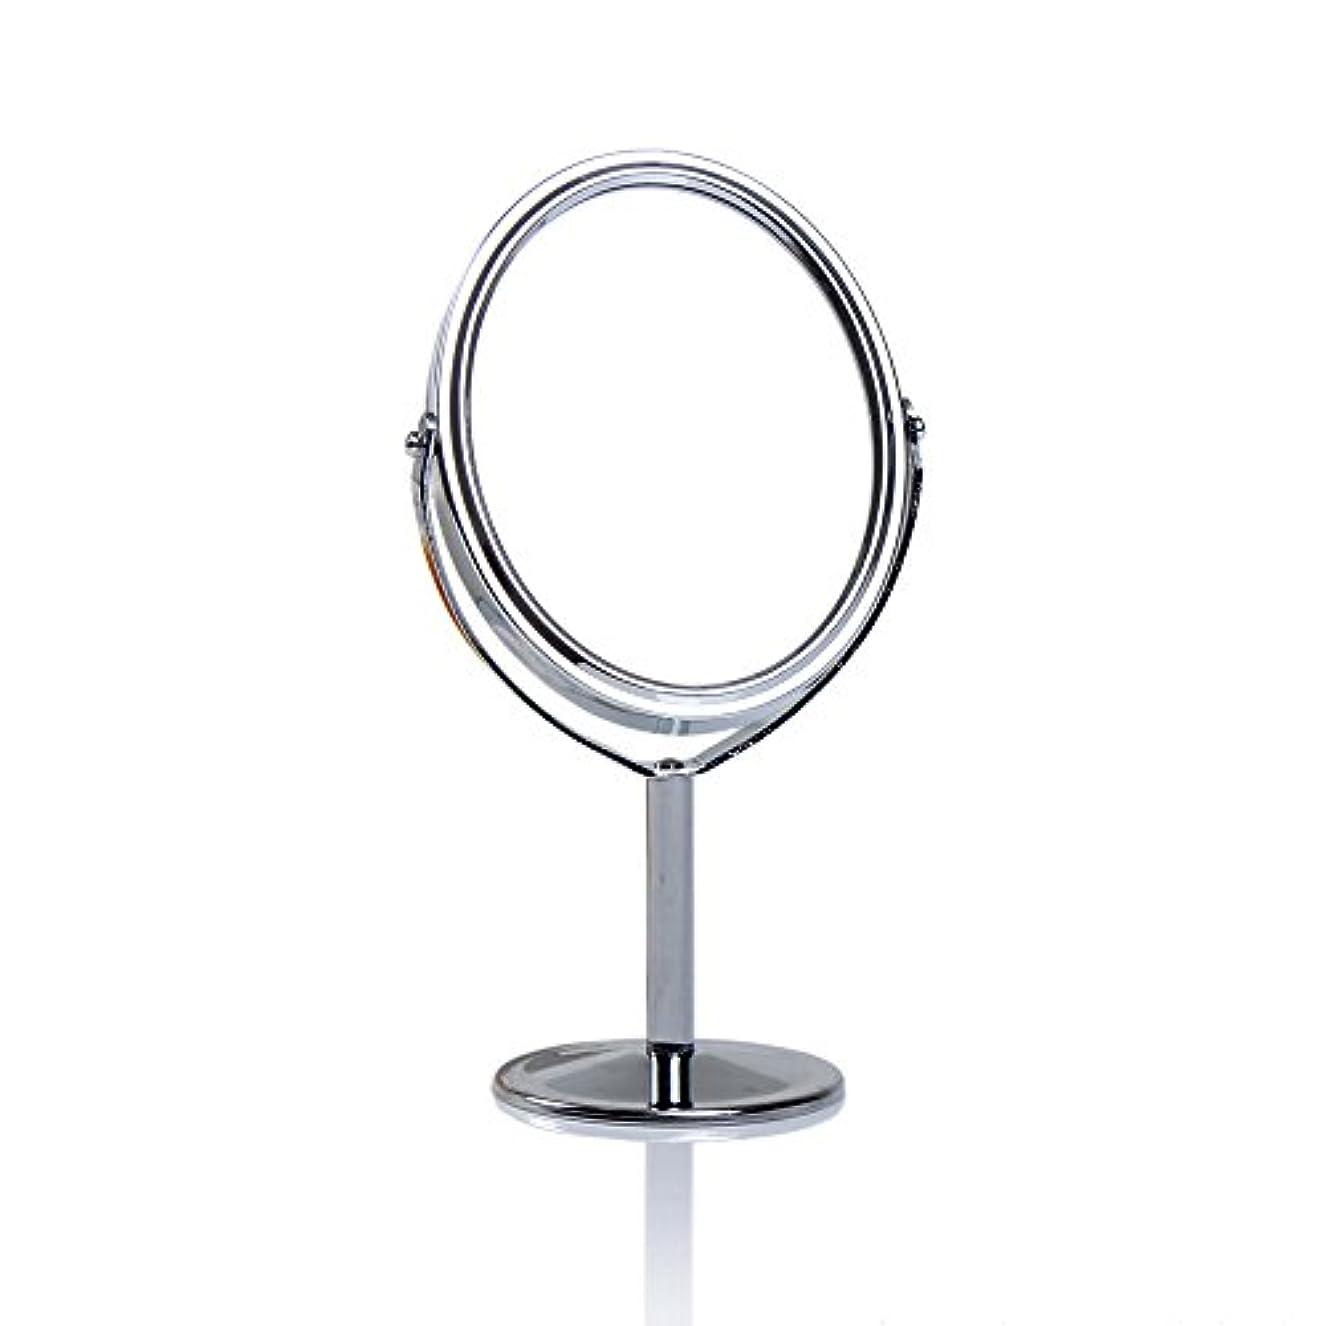 義務付けられた事業内容カビDream 化粧鏡 両面 化粧ミラー 美容鏡 卓上鏡 浴室鏡 女優ミラー 防水 (B)